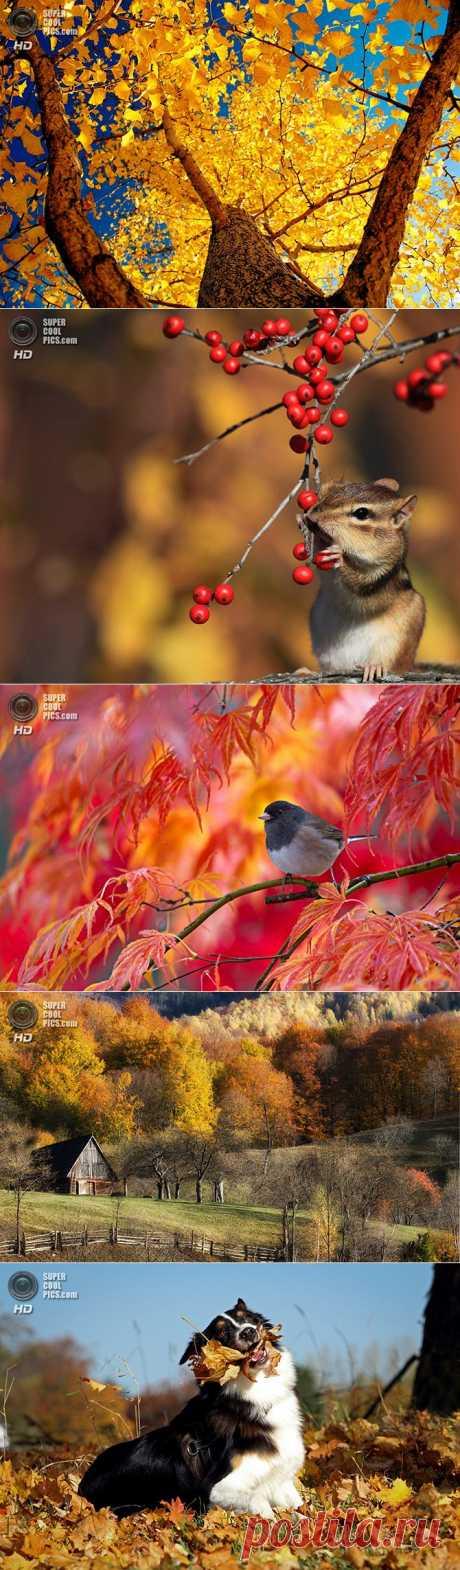 (+1) тема - Осеннее настроение | Непутевые заметки